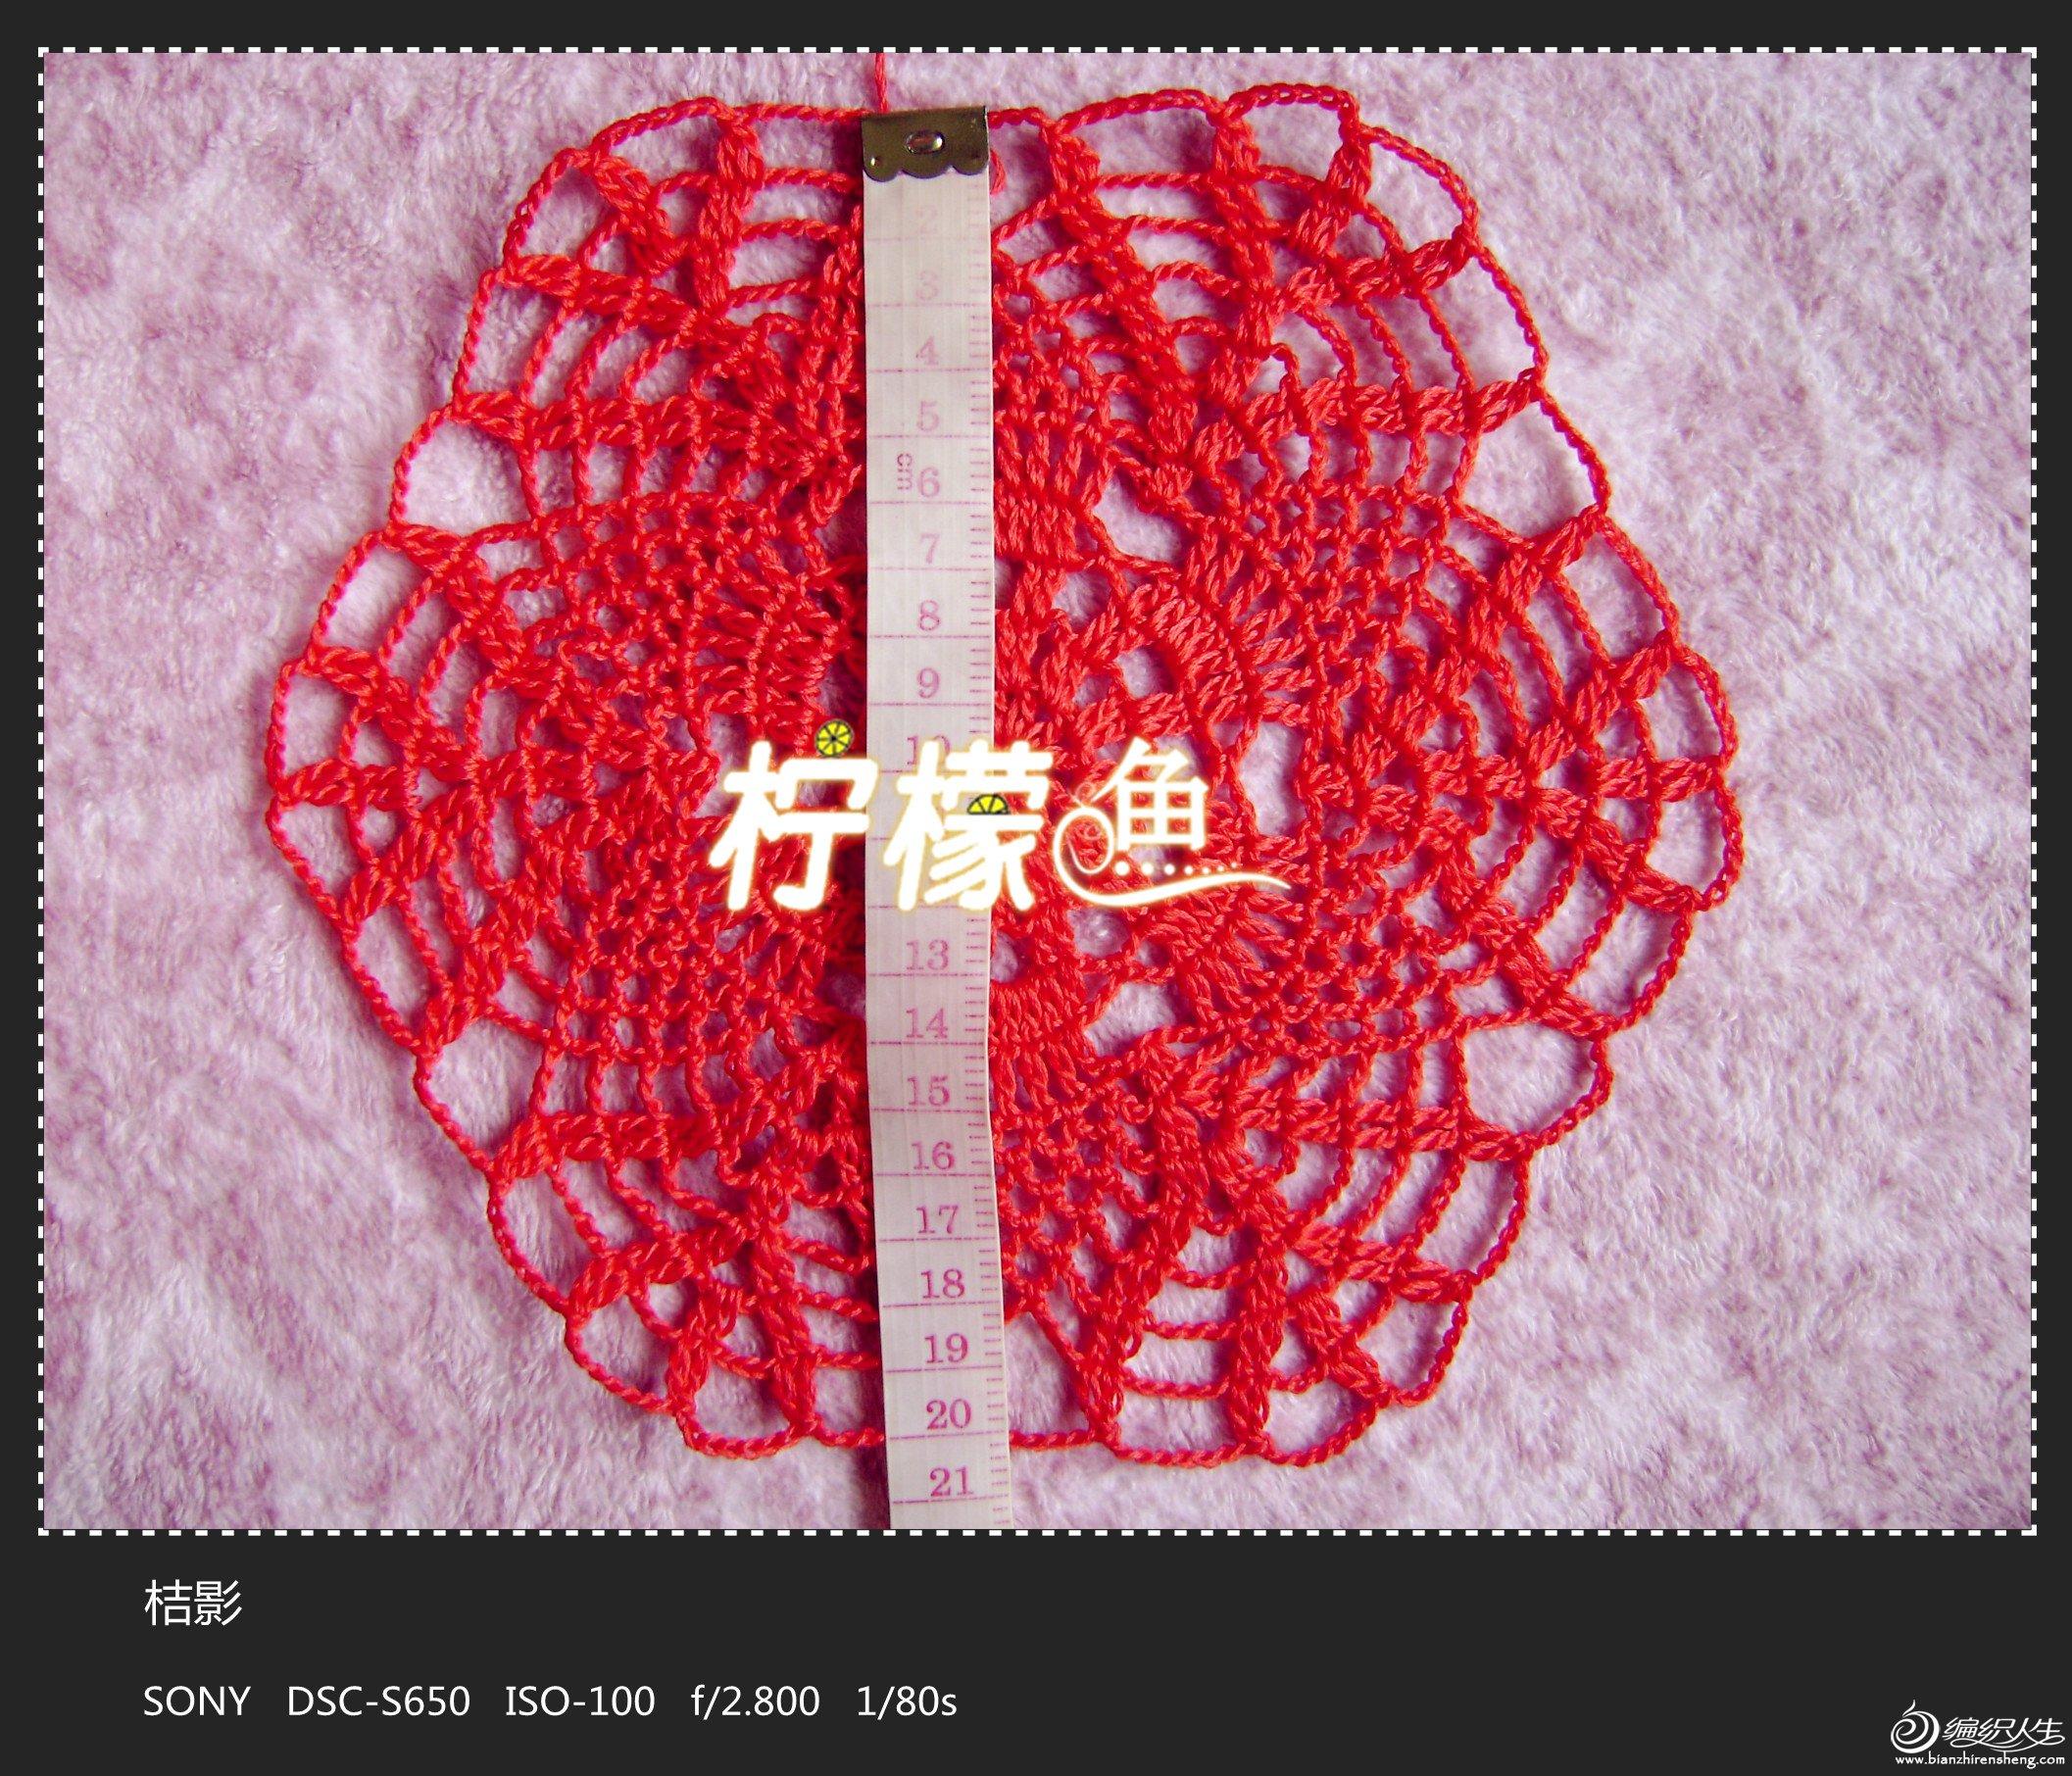 桔影-6单元花A尺寸.jpg